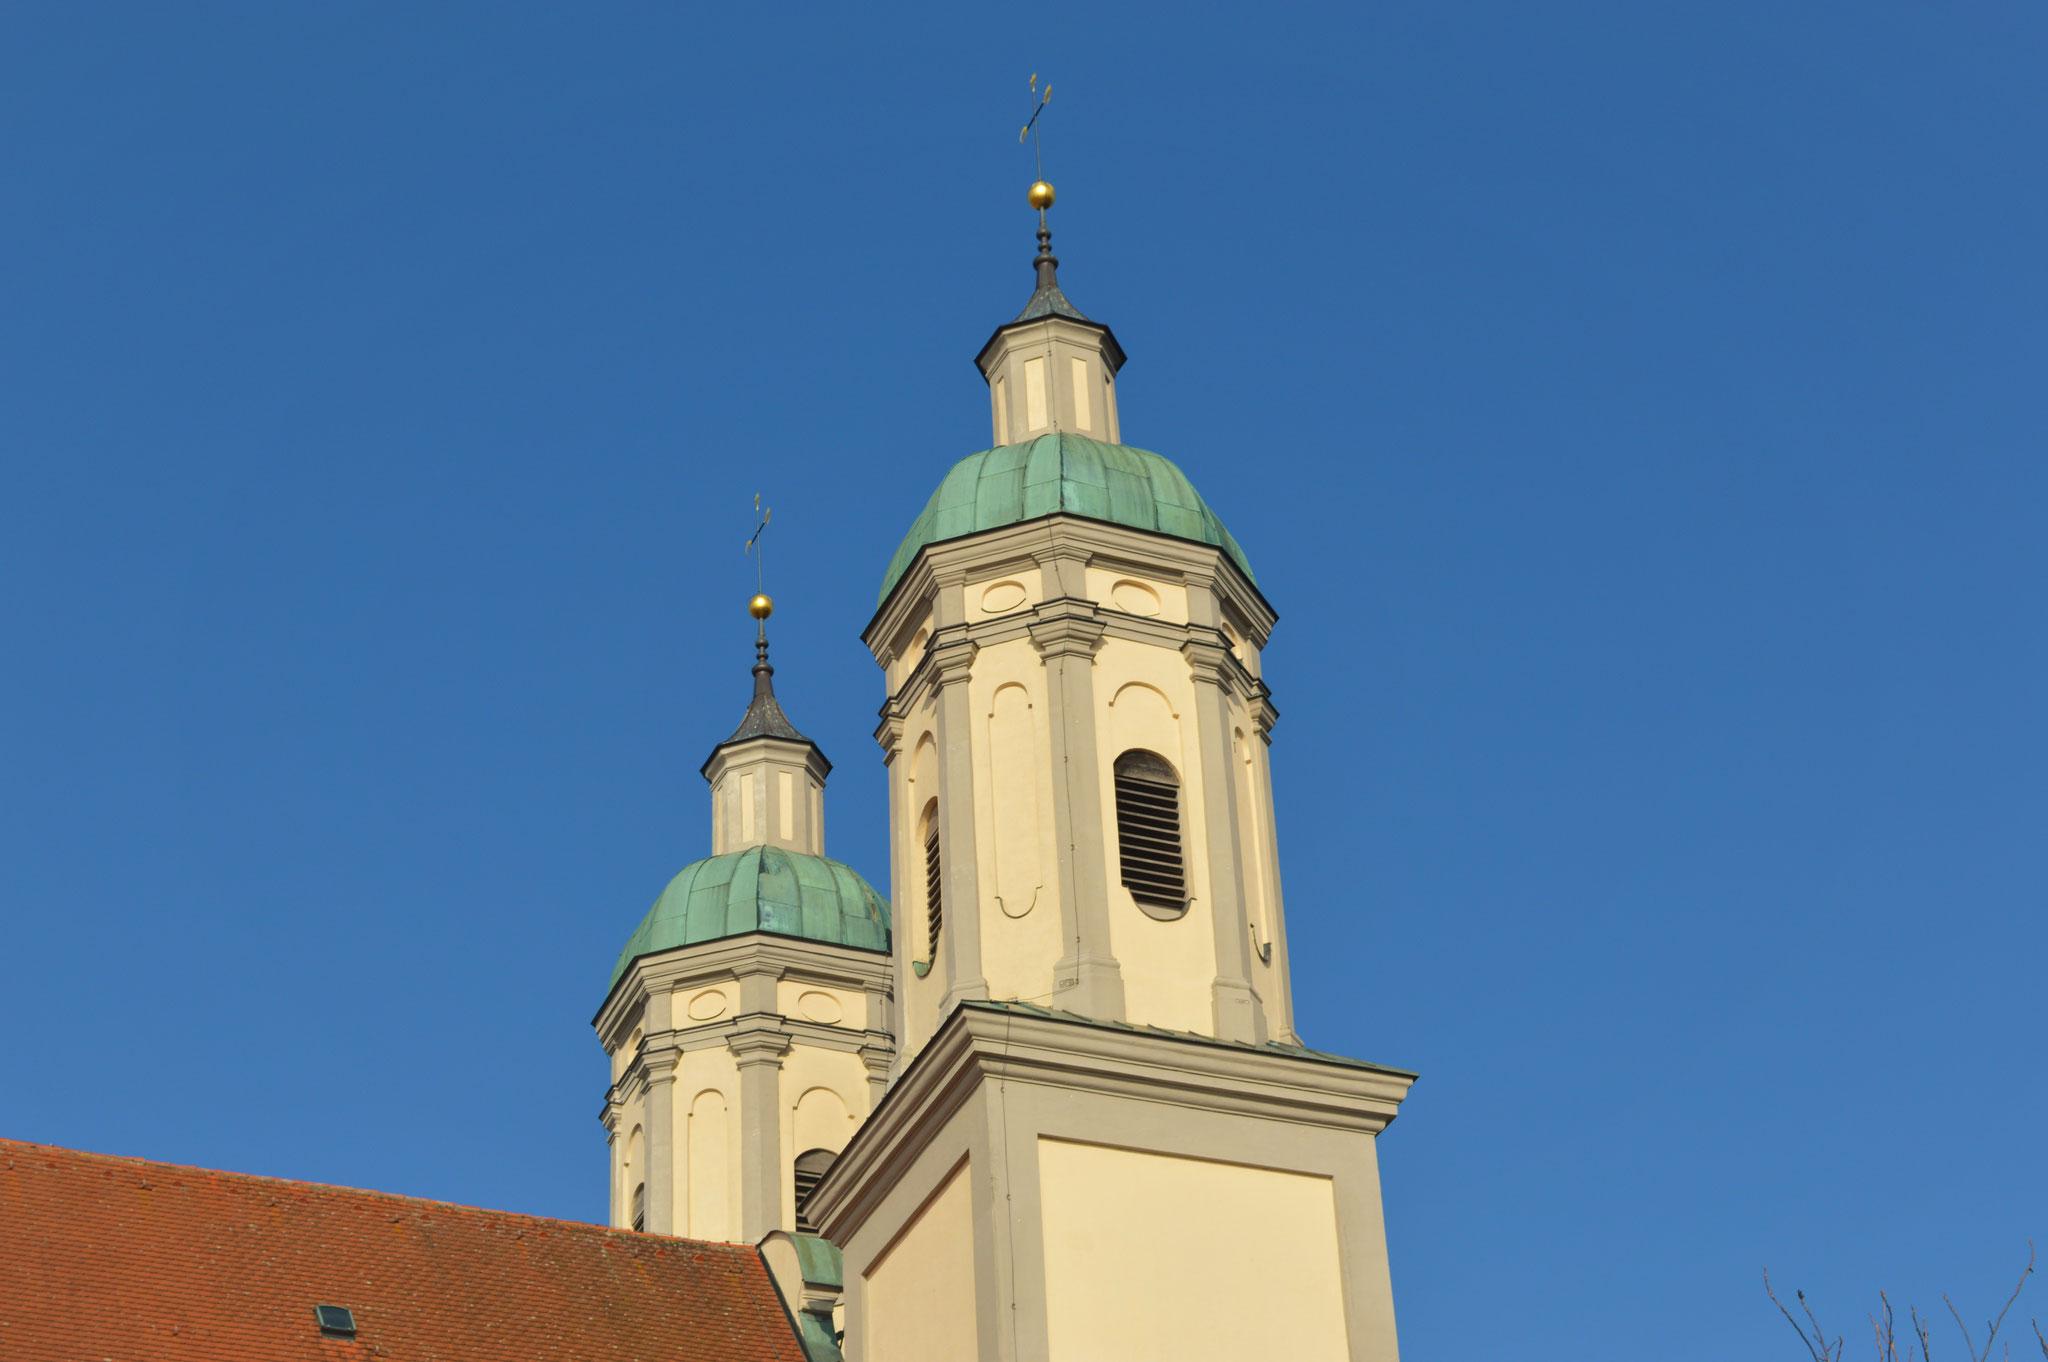 Türme der Klosterkirche